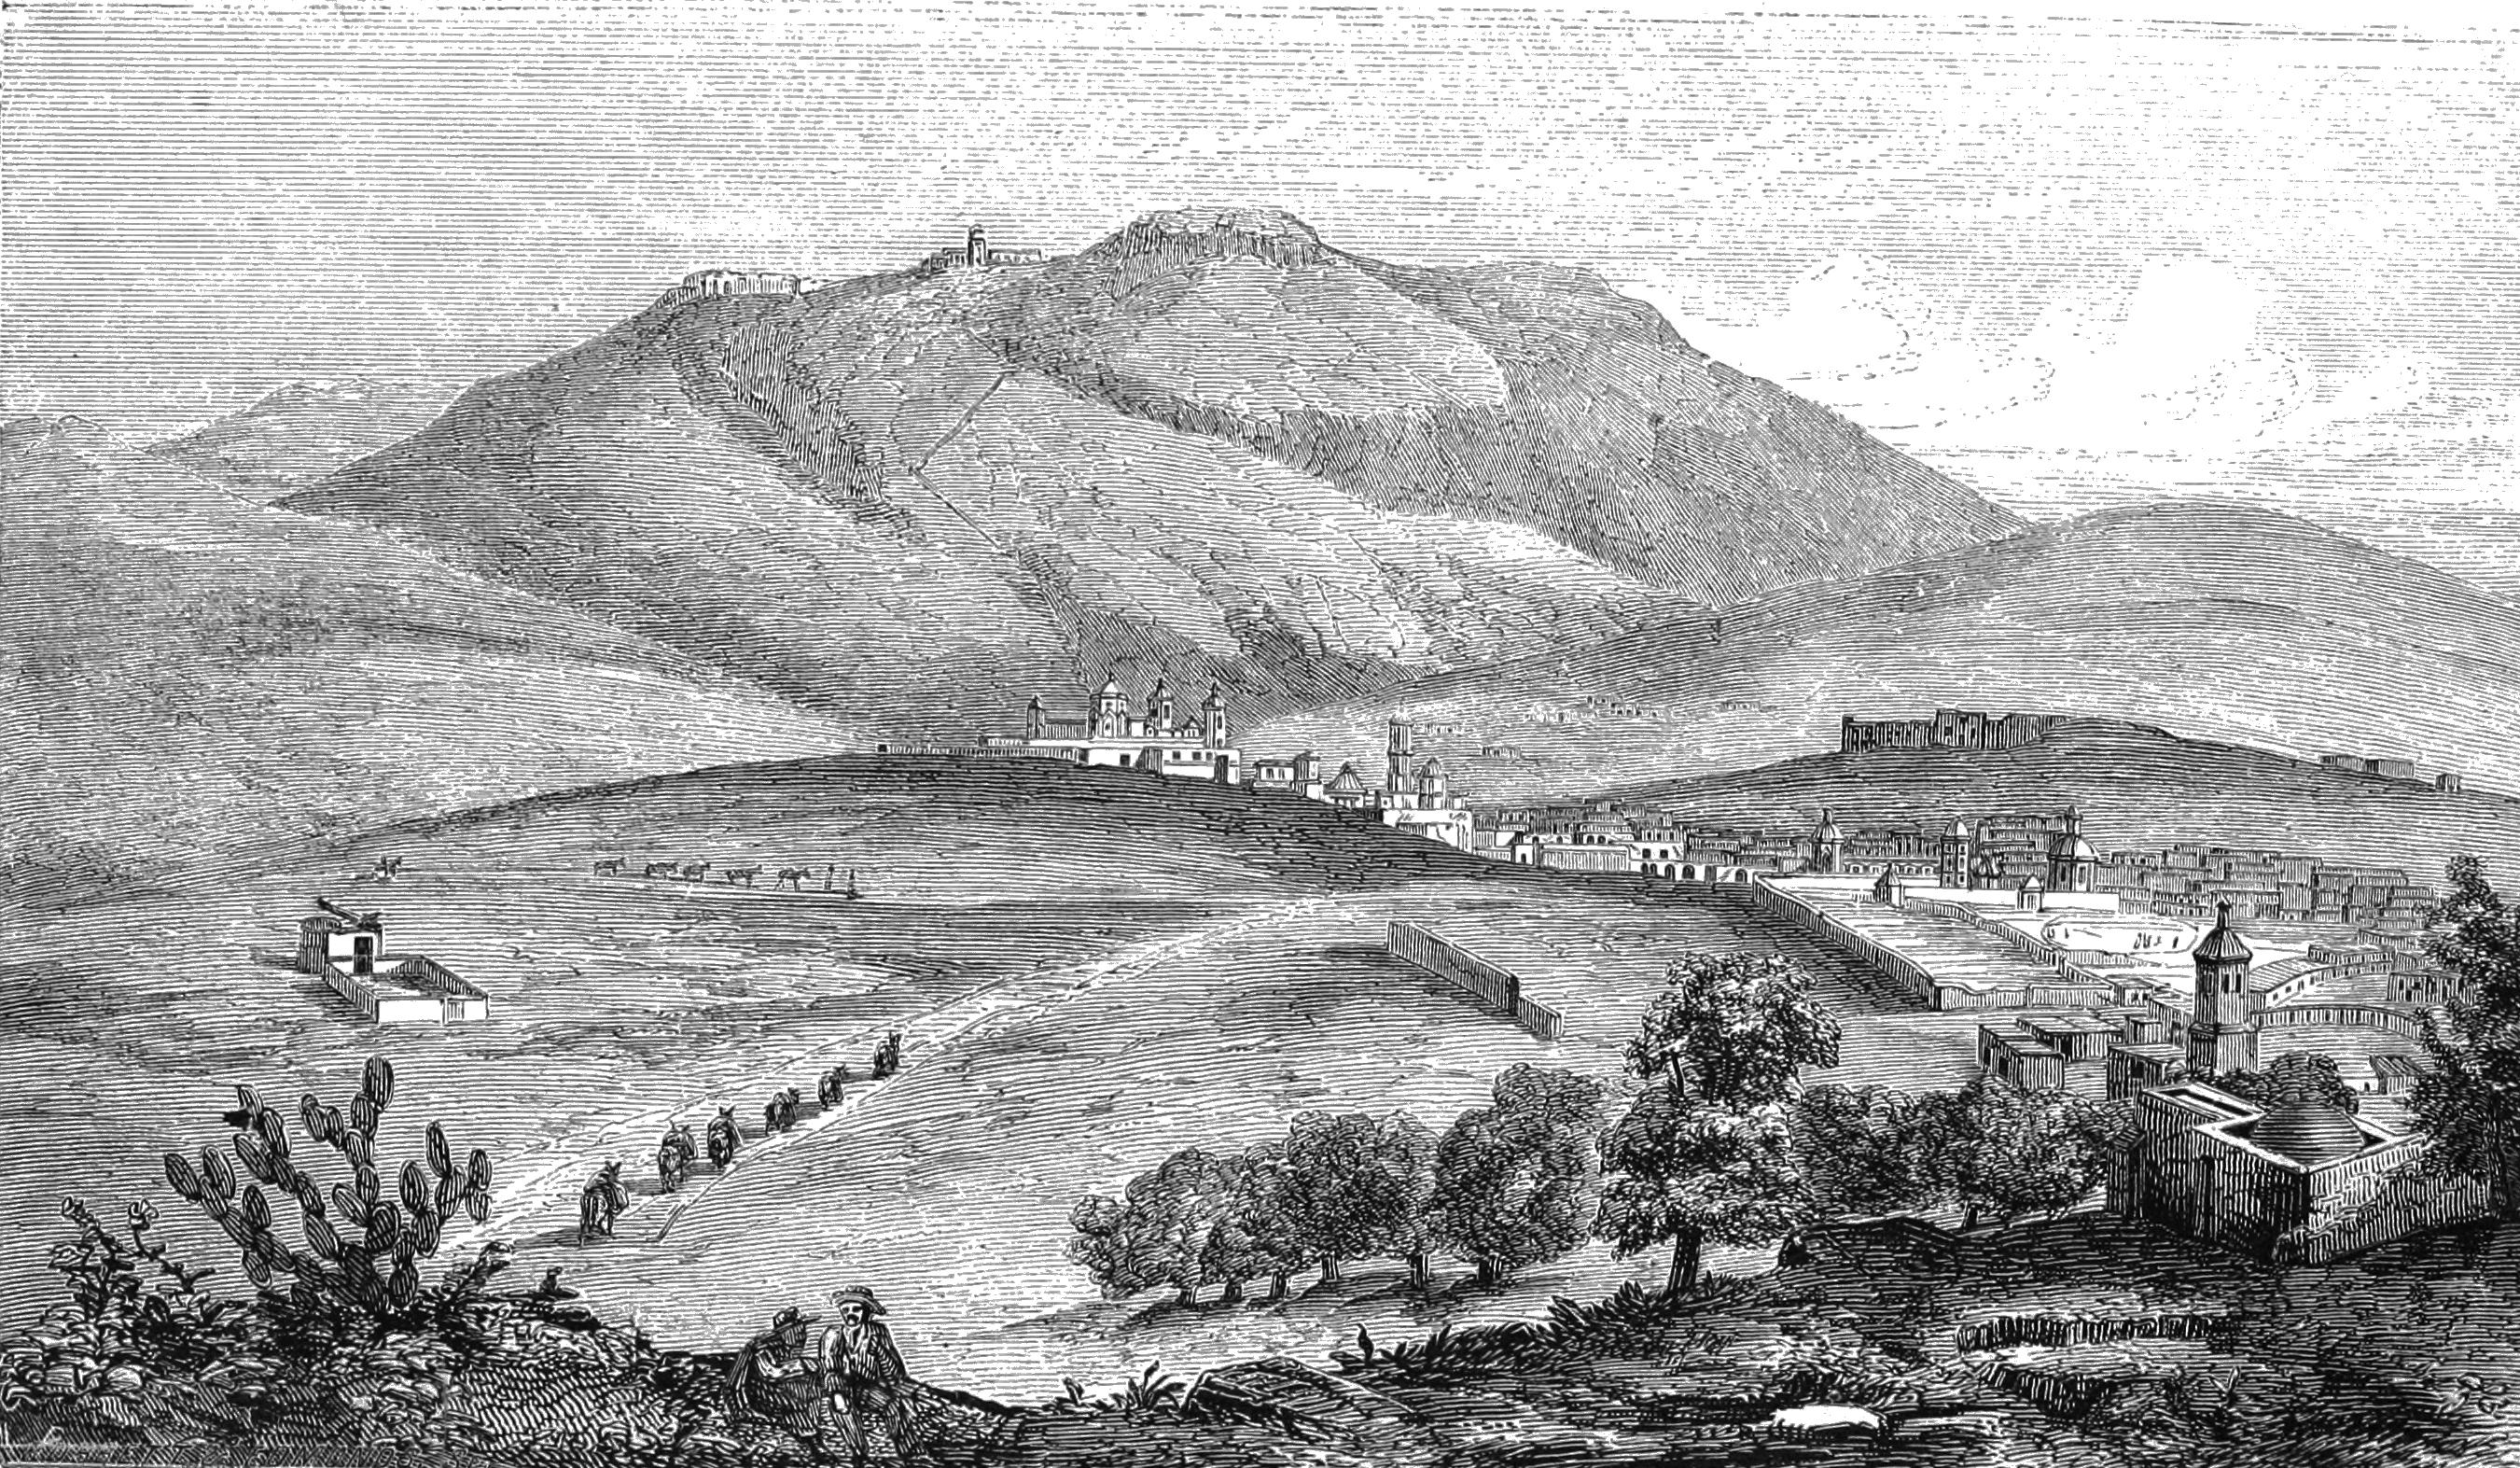 Zacatecas, 1853